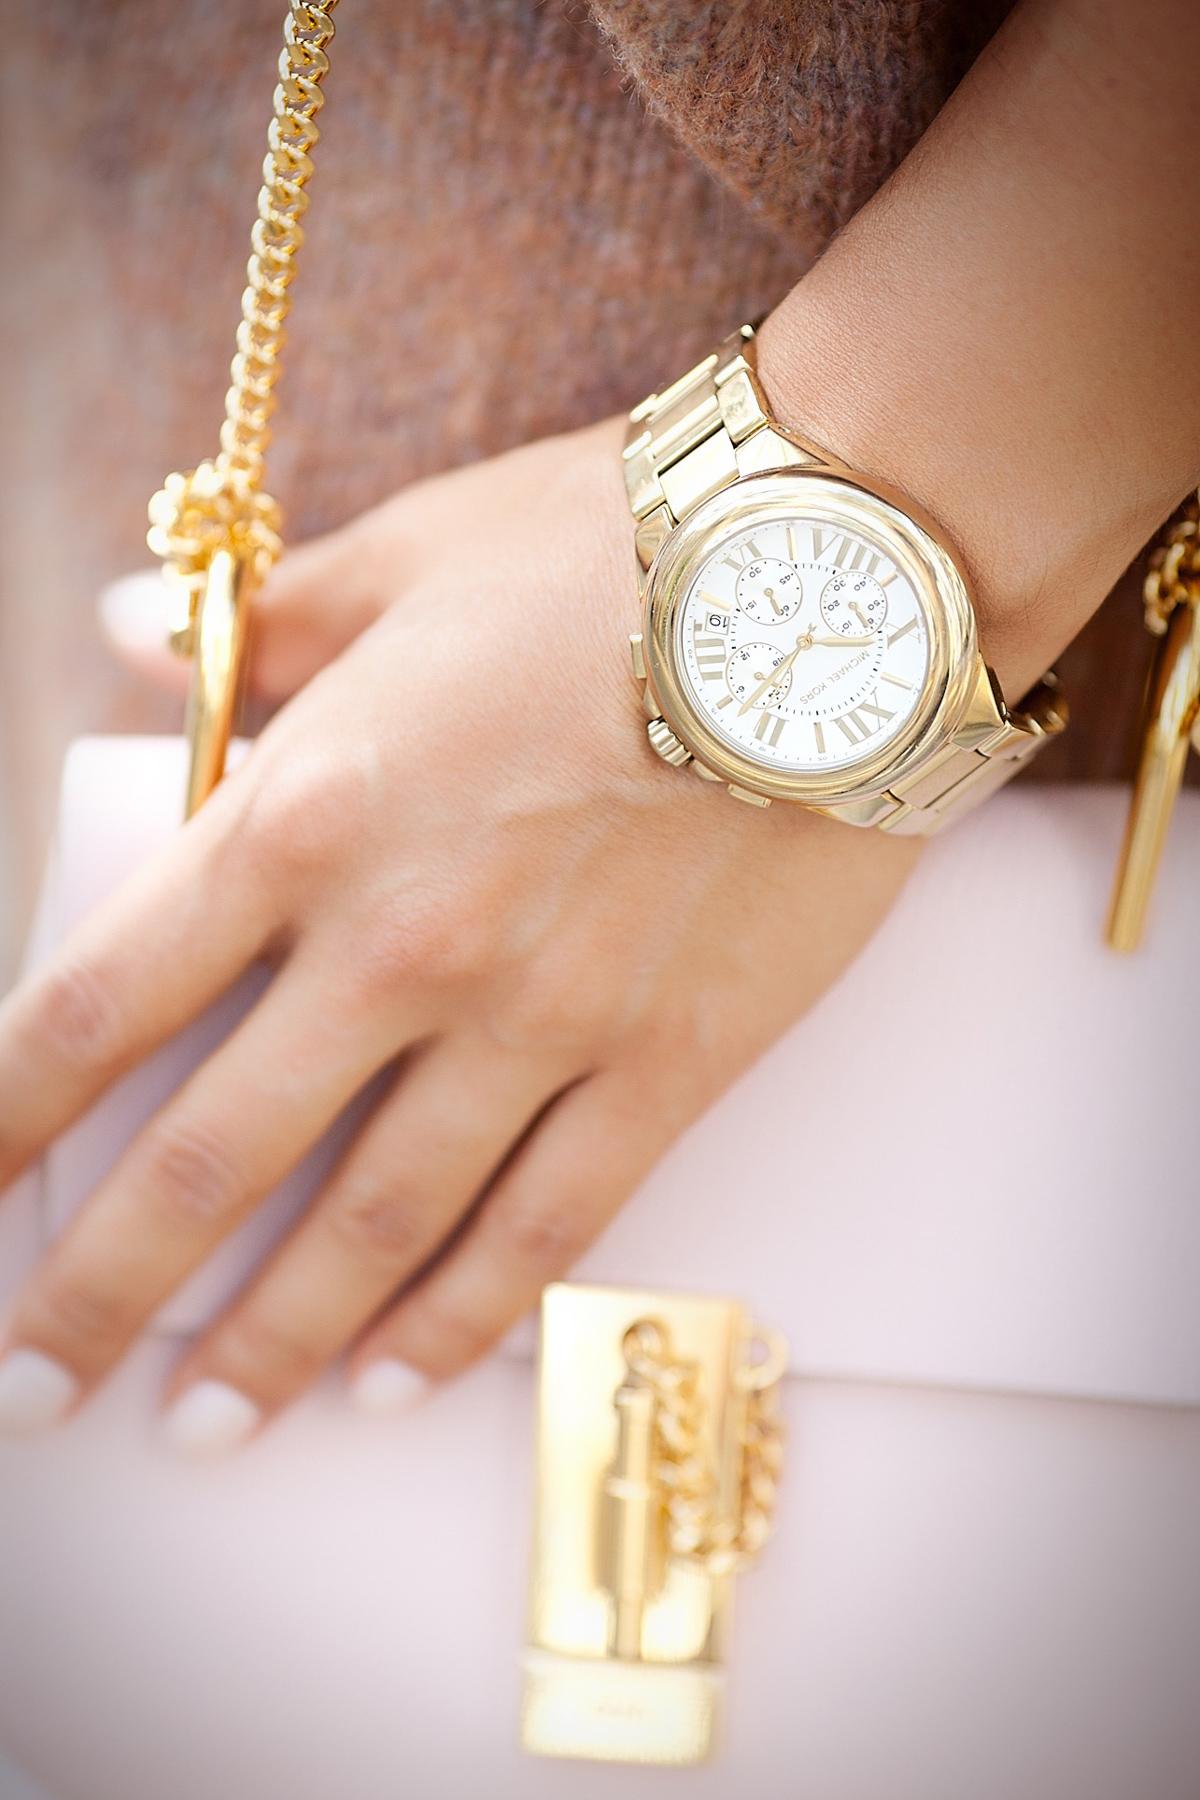 mickale+kors+golden+watch